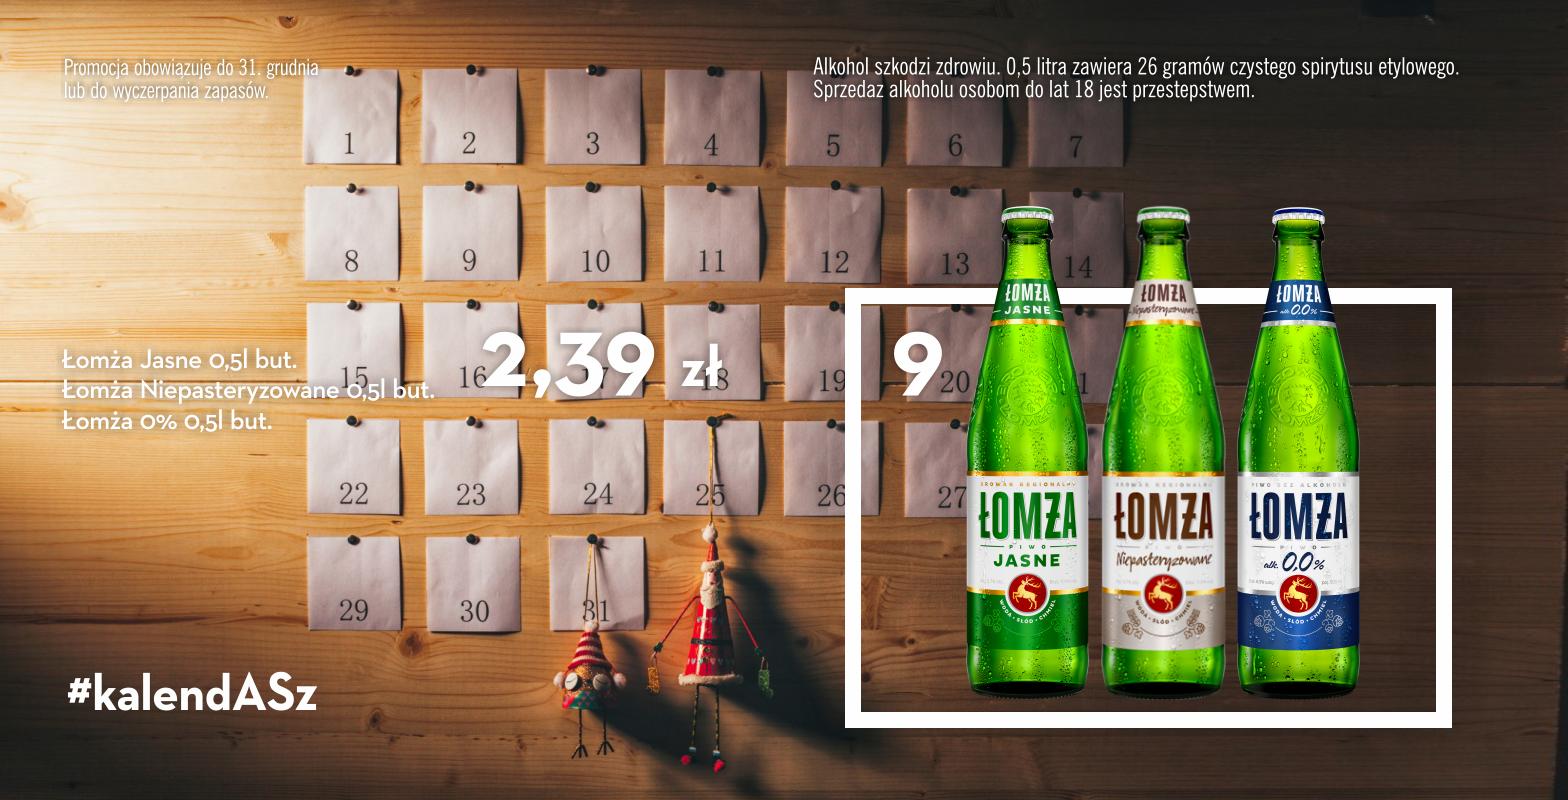 lomza012